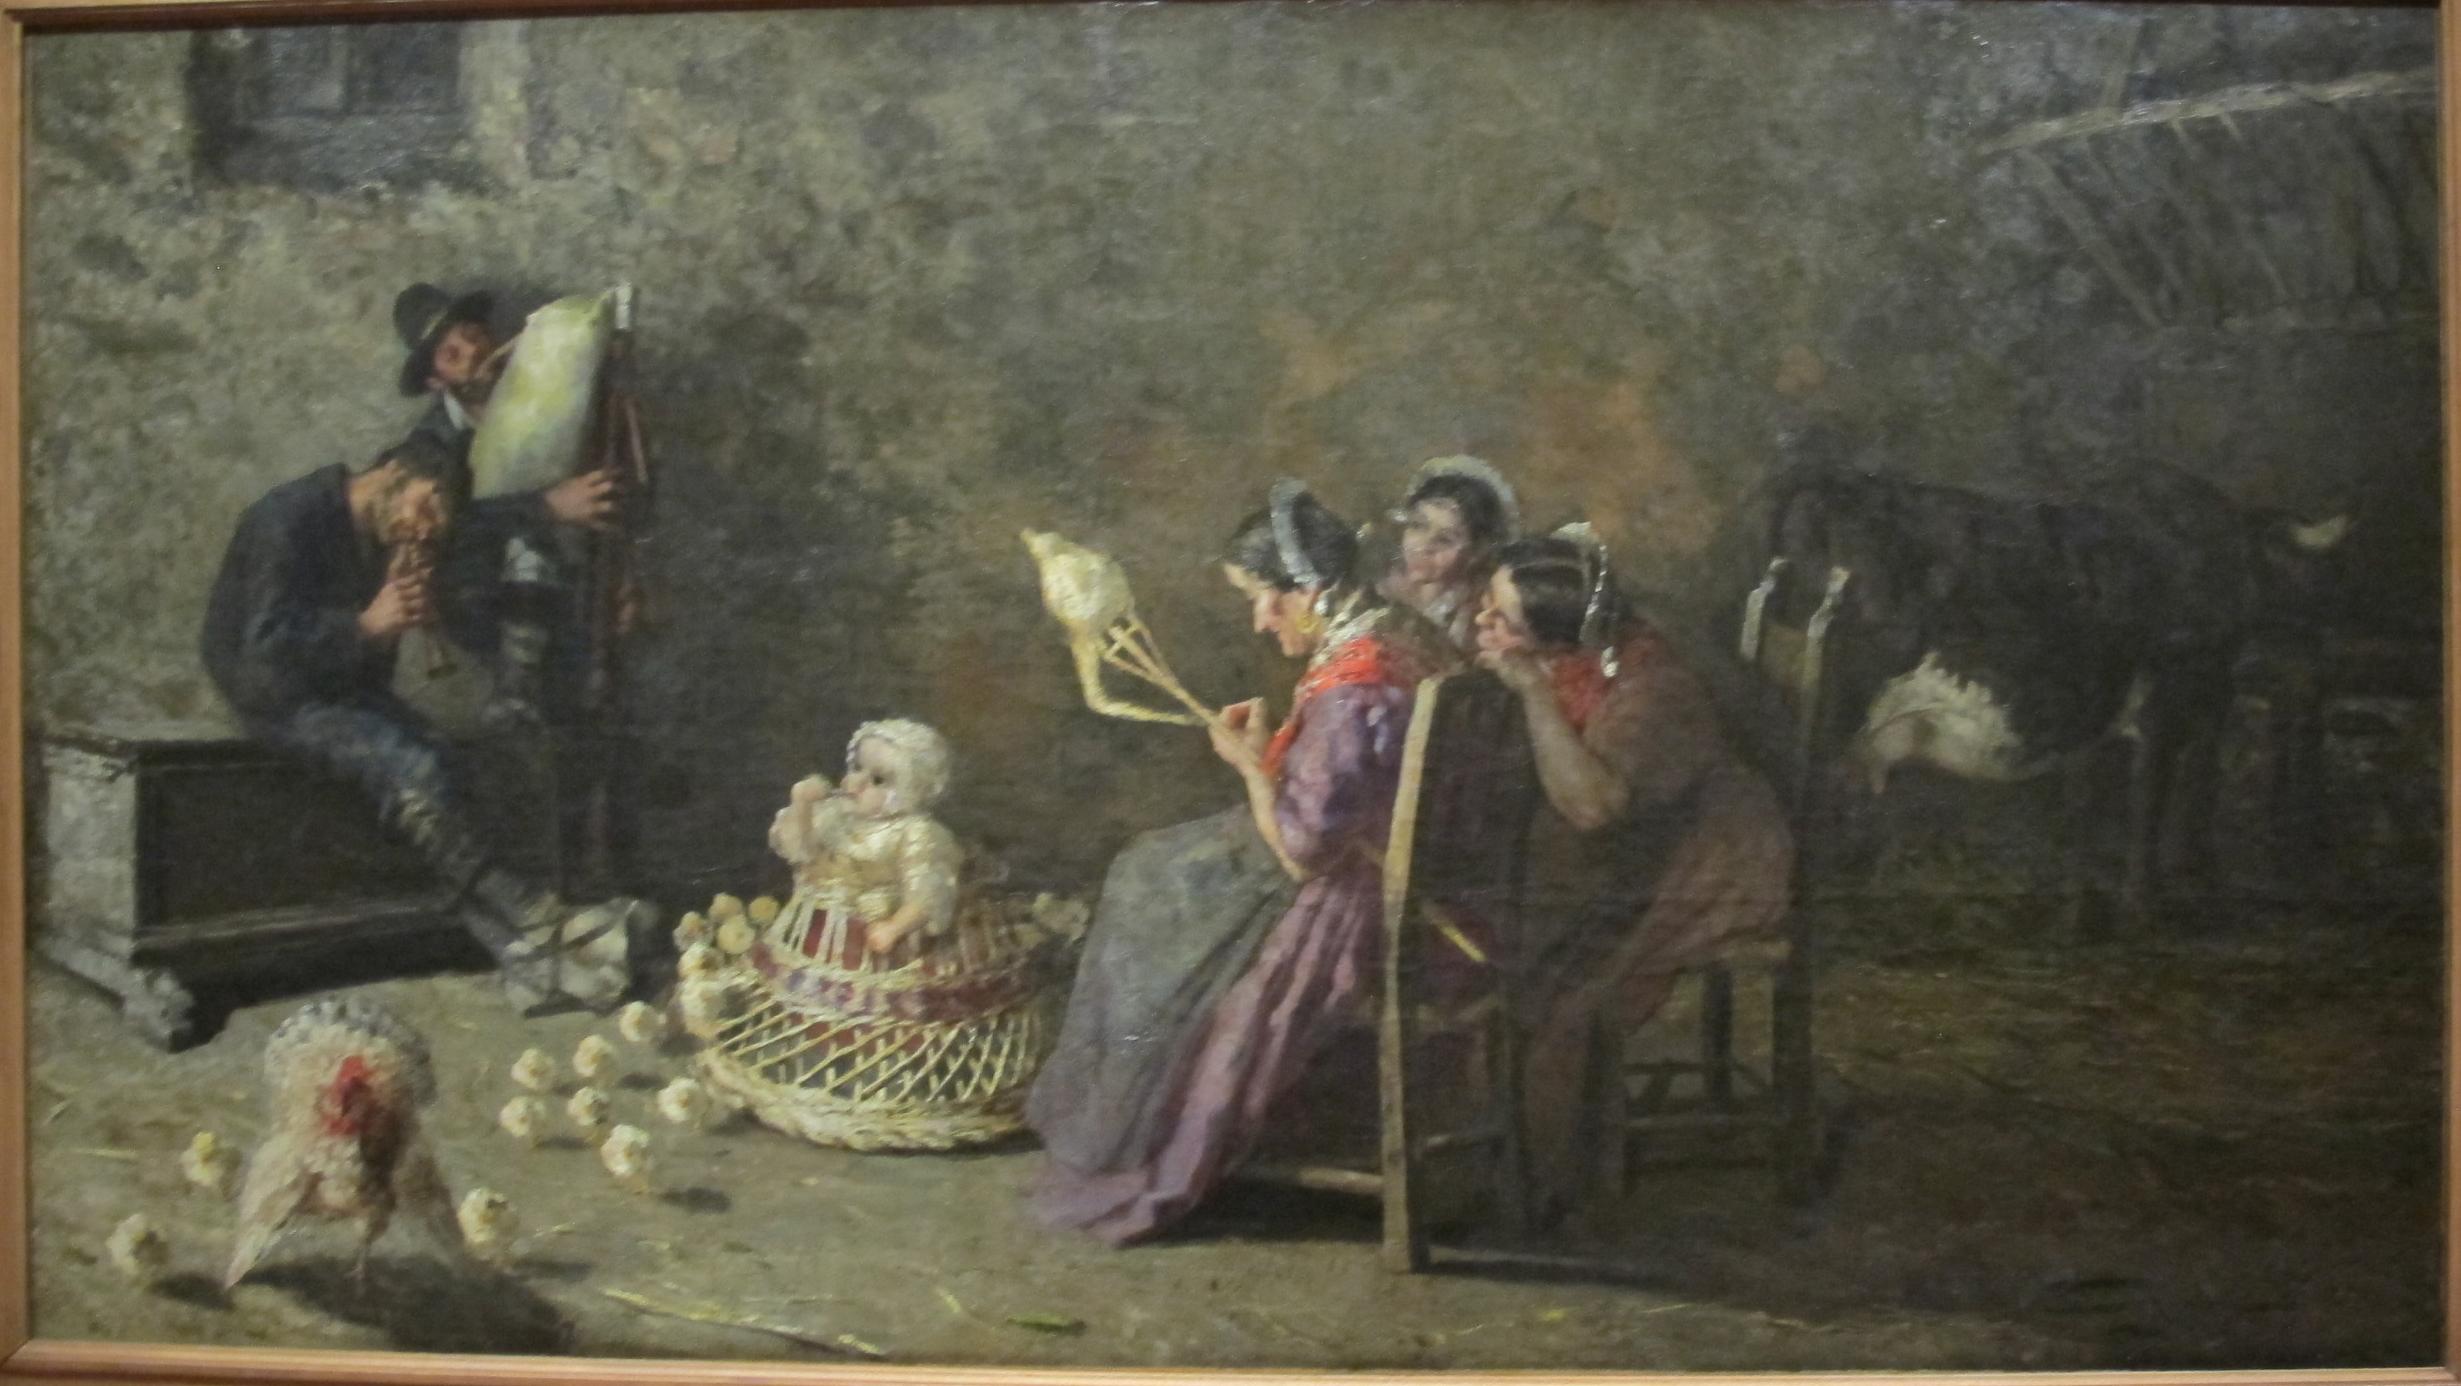 Zampognari in Brianza